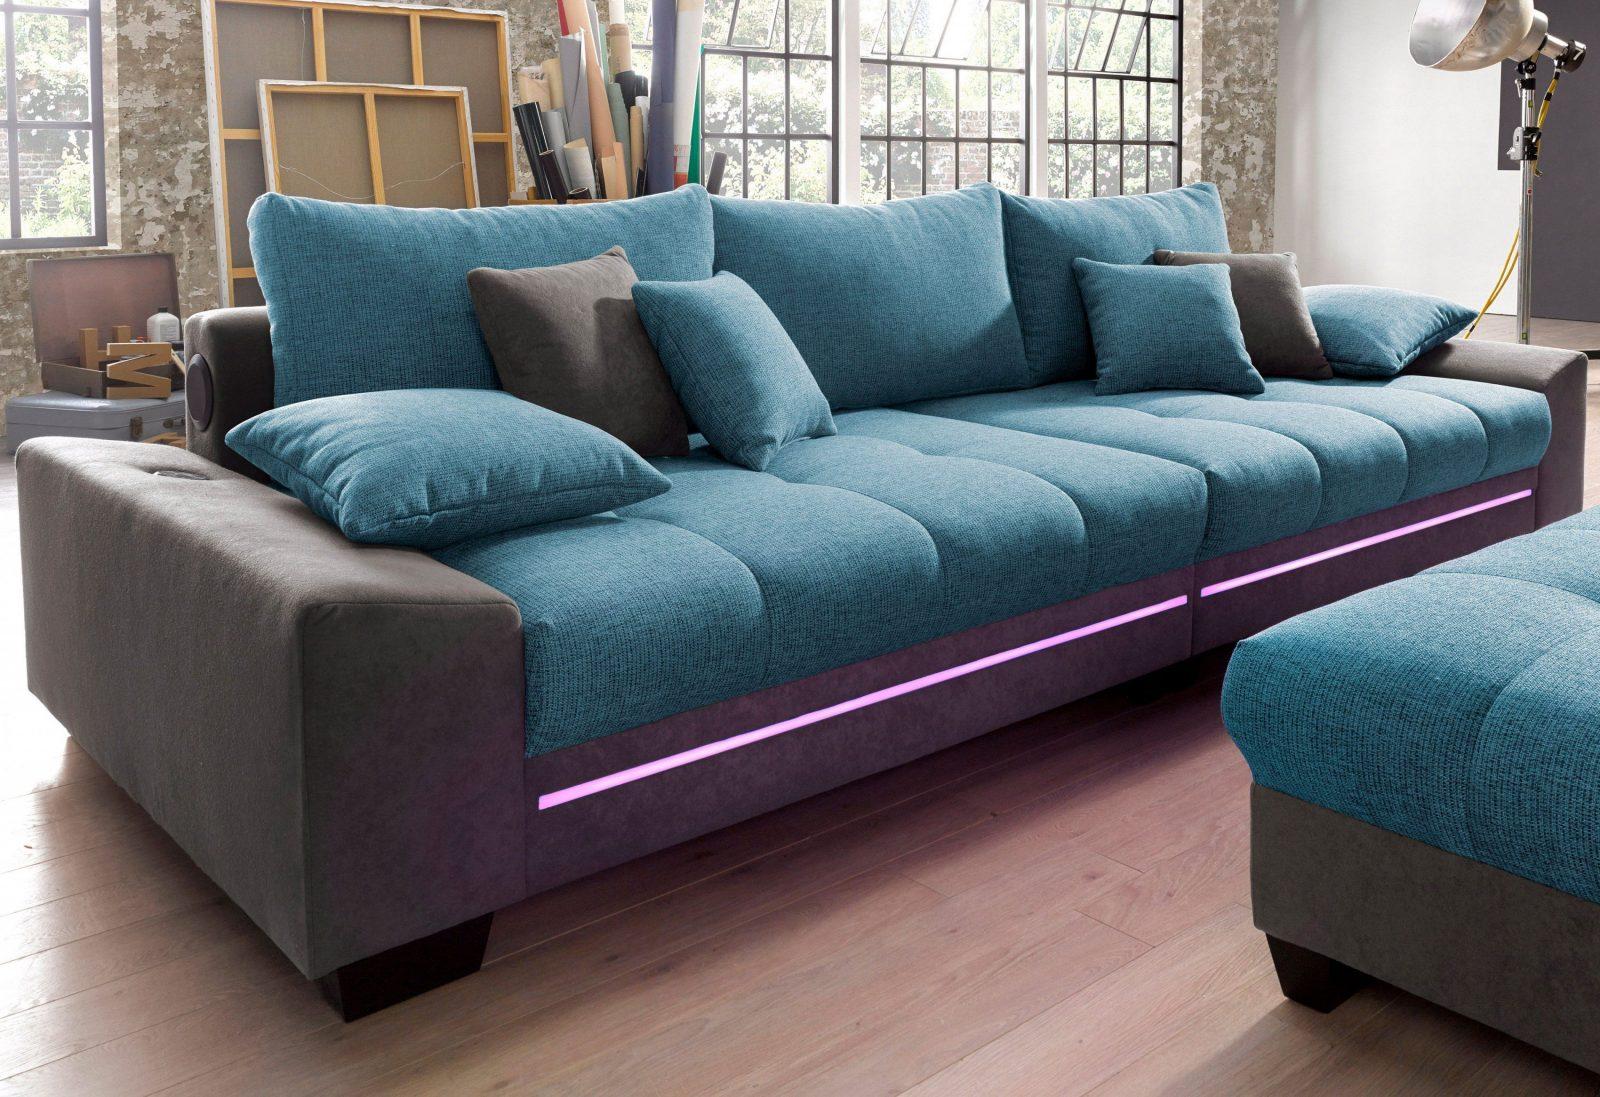 Bigsofa Mit Beleuchtung Wahlweise Mit Bluetoothsoundsystem von Couch Mit Led Beleuchtung Bild